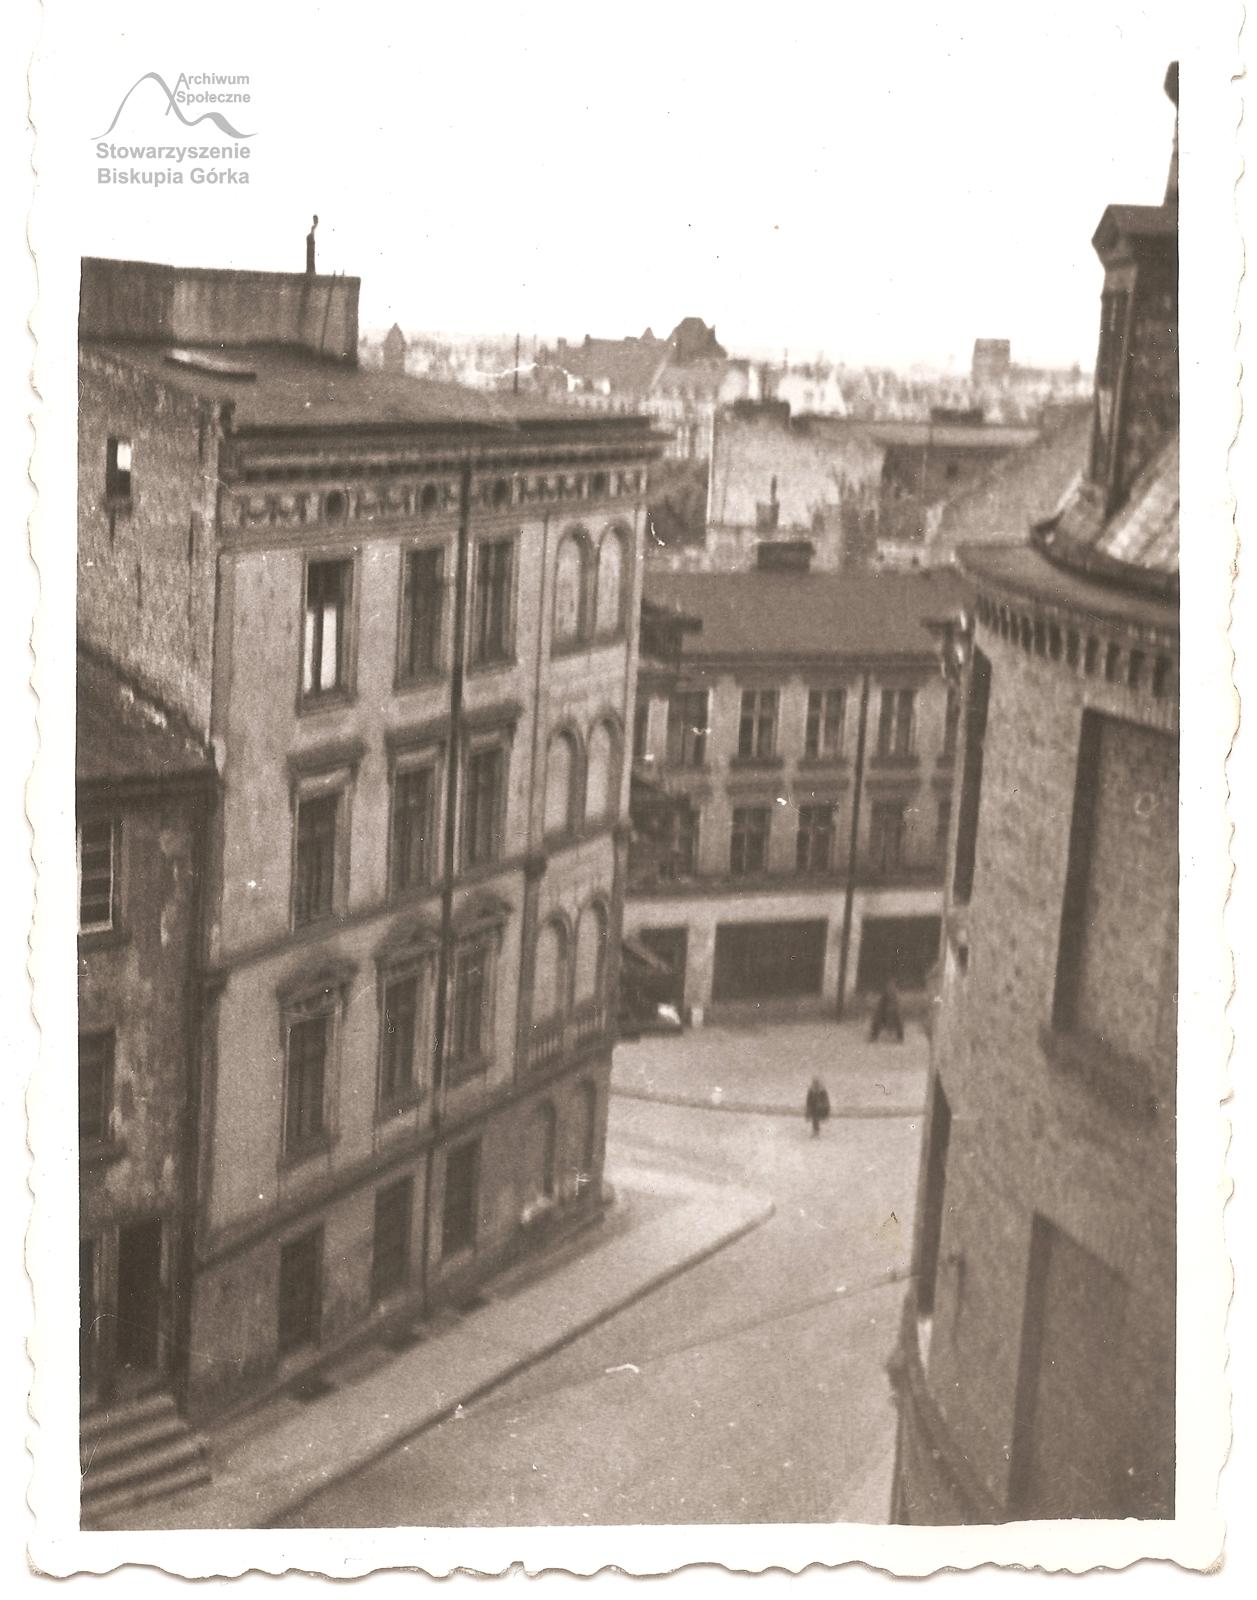 Ulica Biskupia w 1960 r. Widok z balkonu pani Kiedrowskiej.